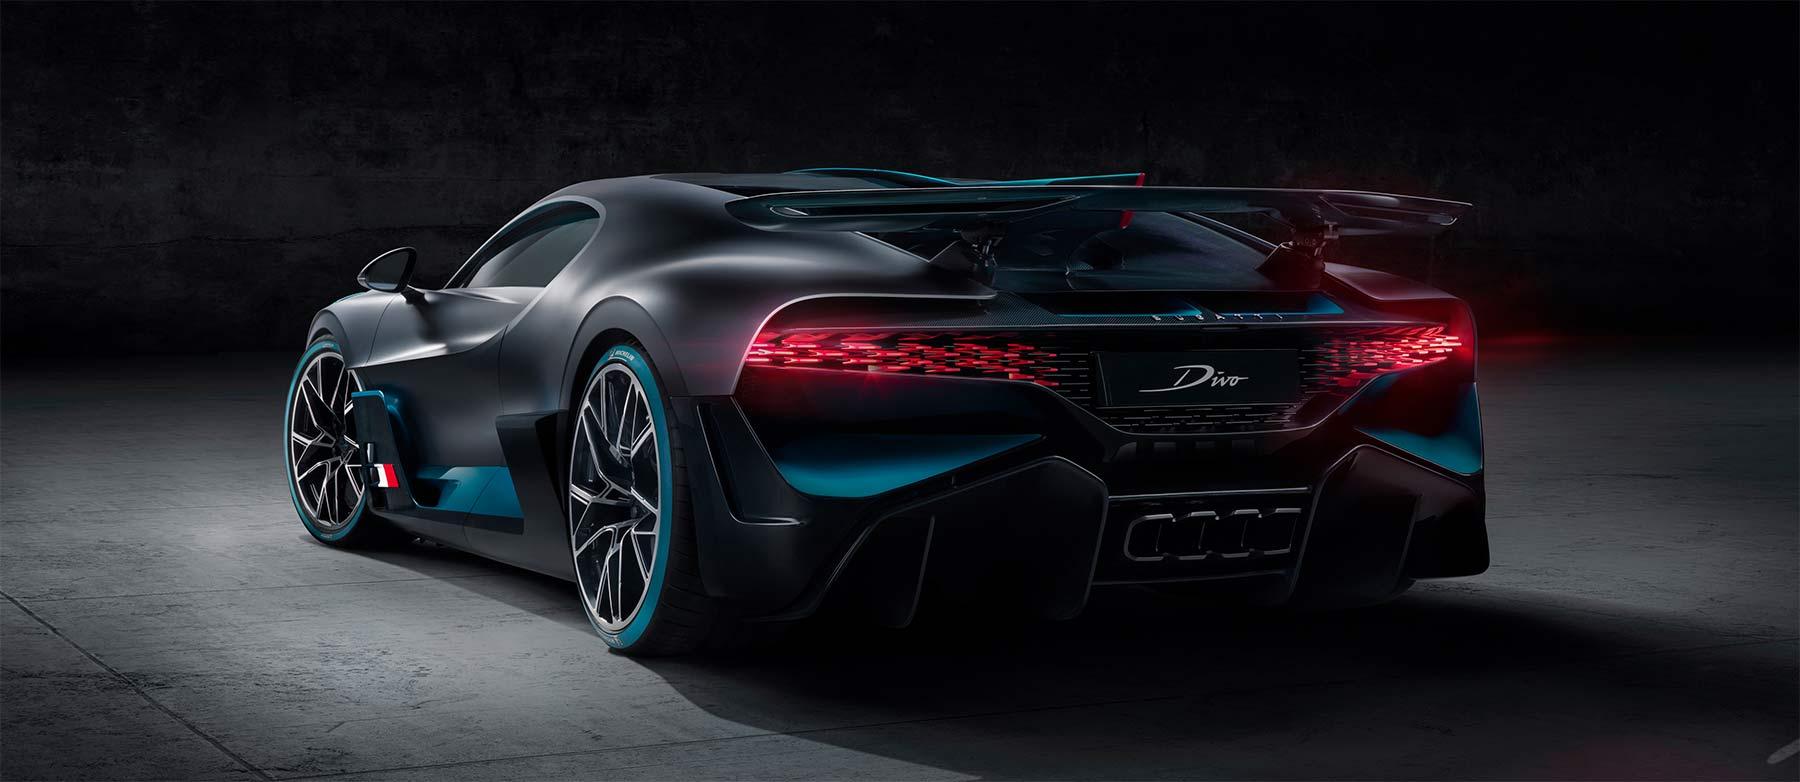 Bugatti Divo von hinten